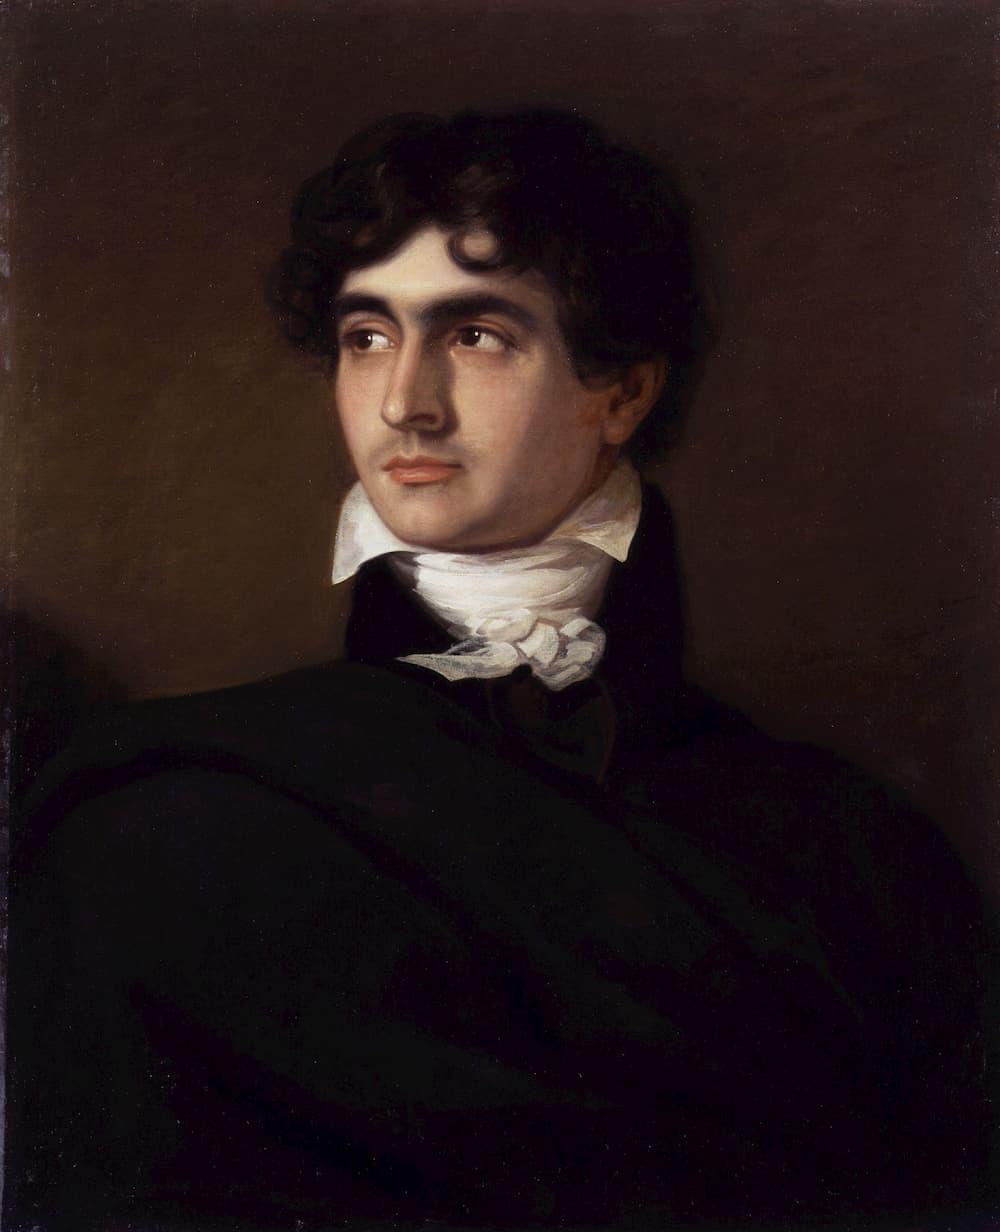 John William Polidori. Immagine reperibile a